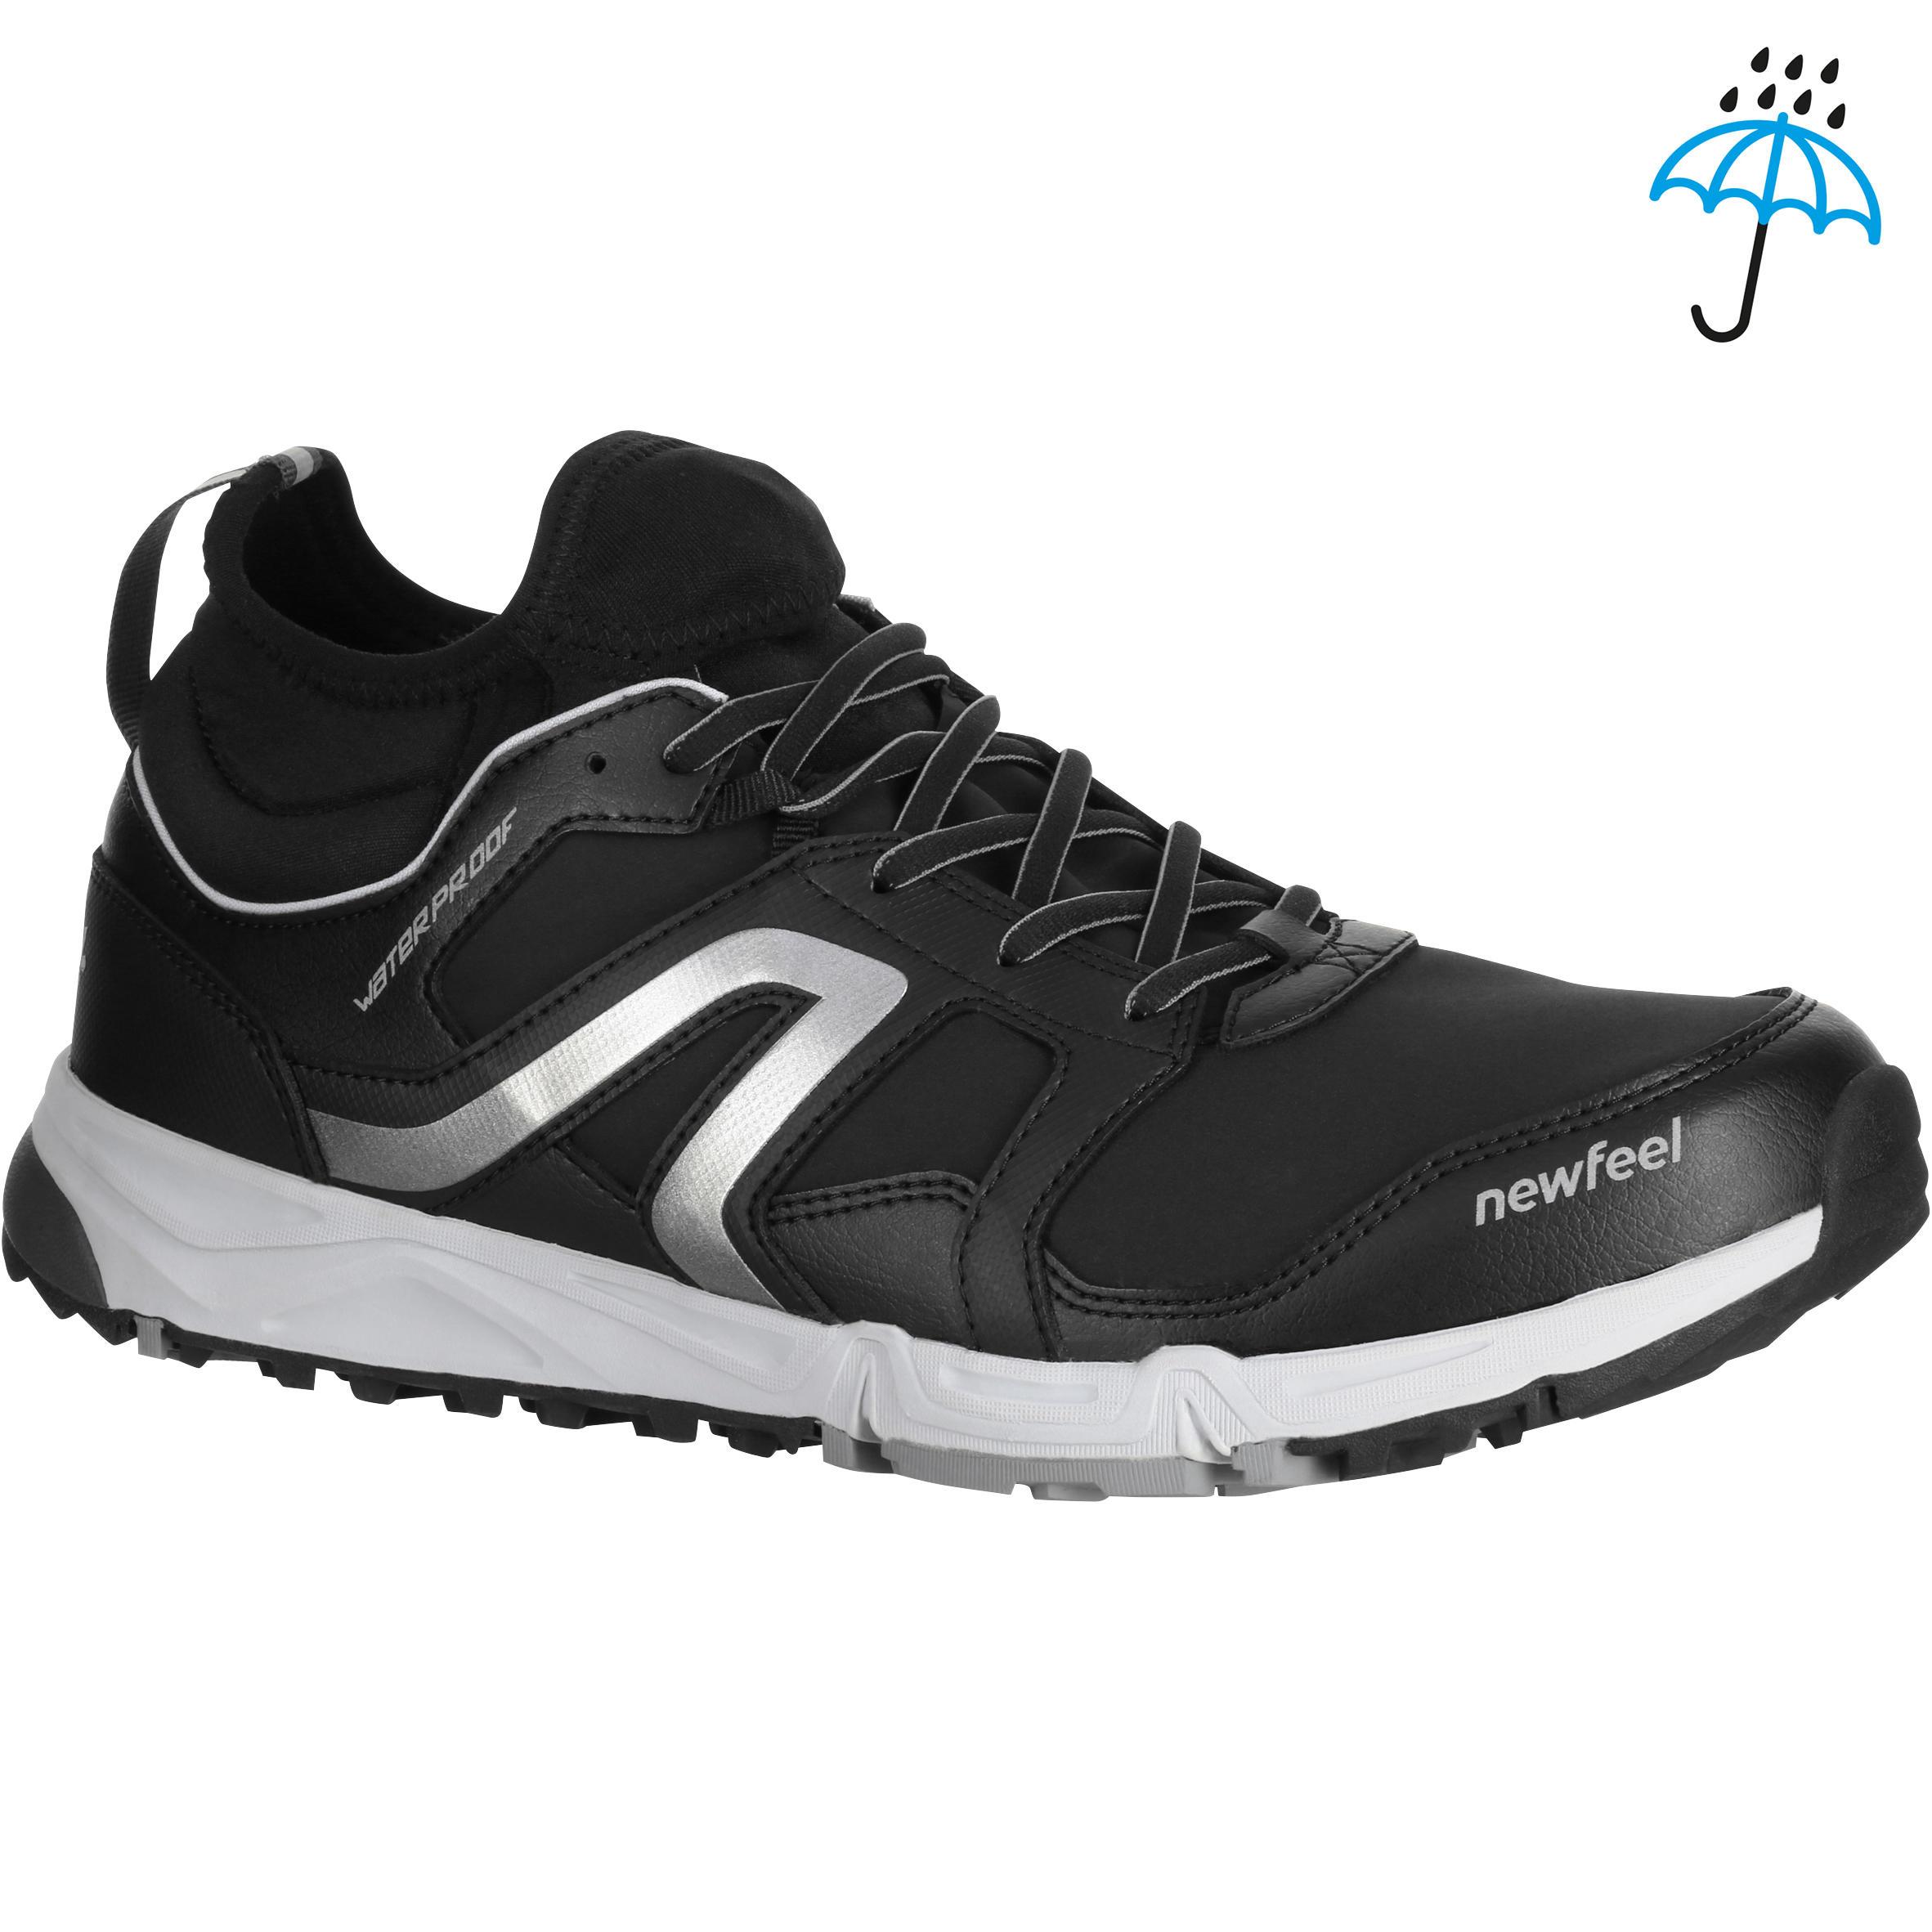 Newfeel Nordic walking schoenen NW580 voor heren zwart